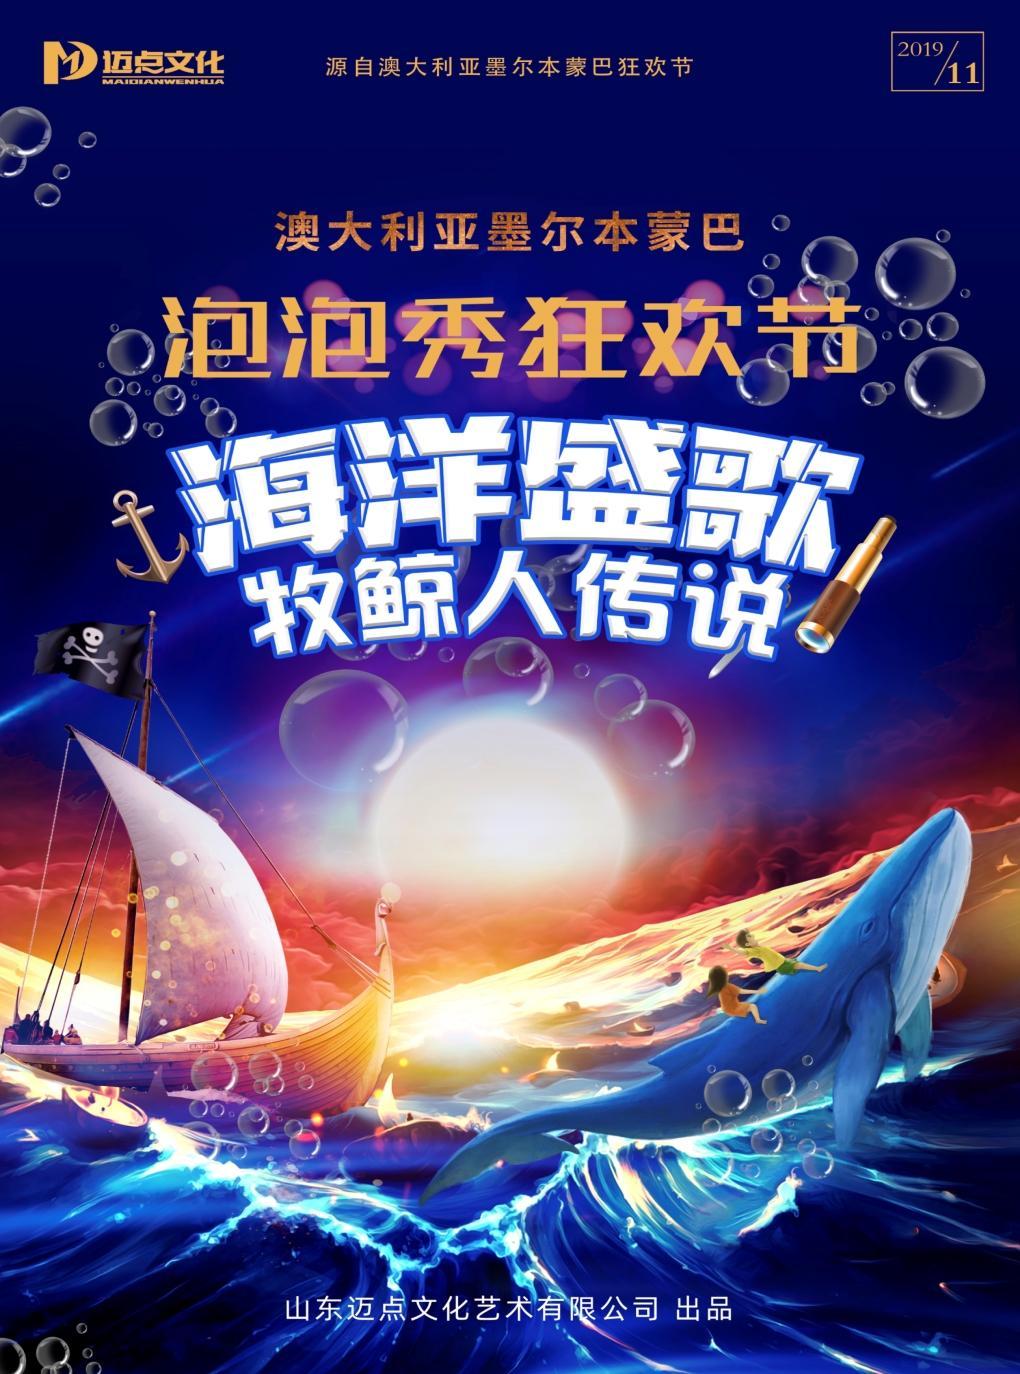 《海洋盛歌----牧鲸人传说》